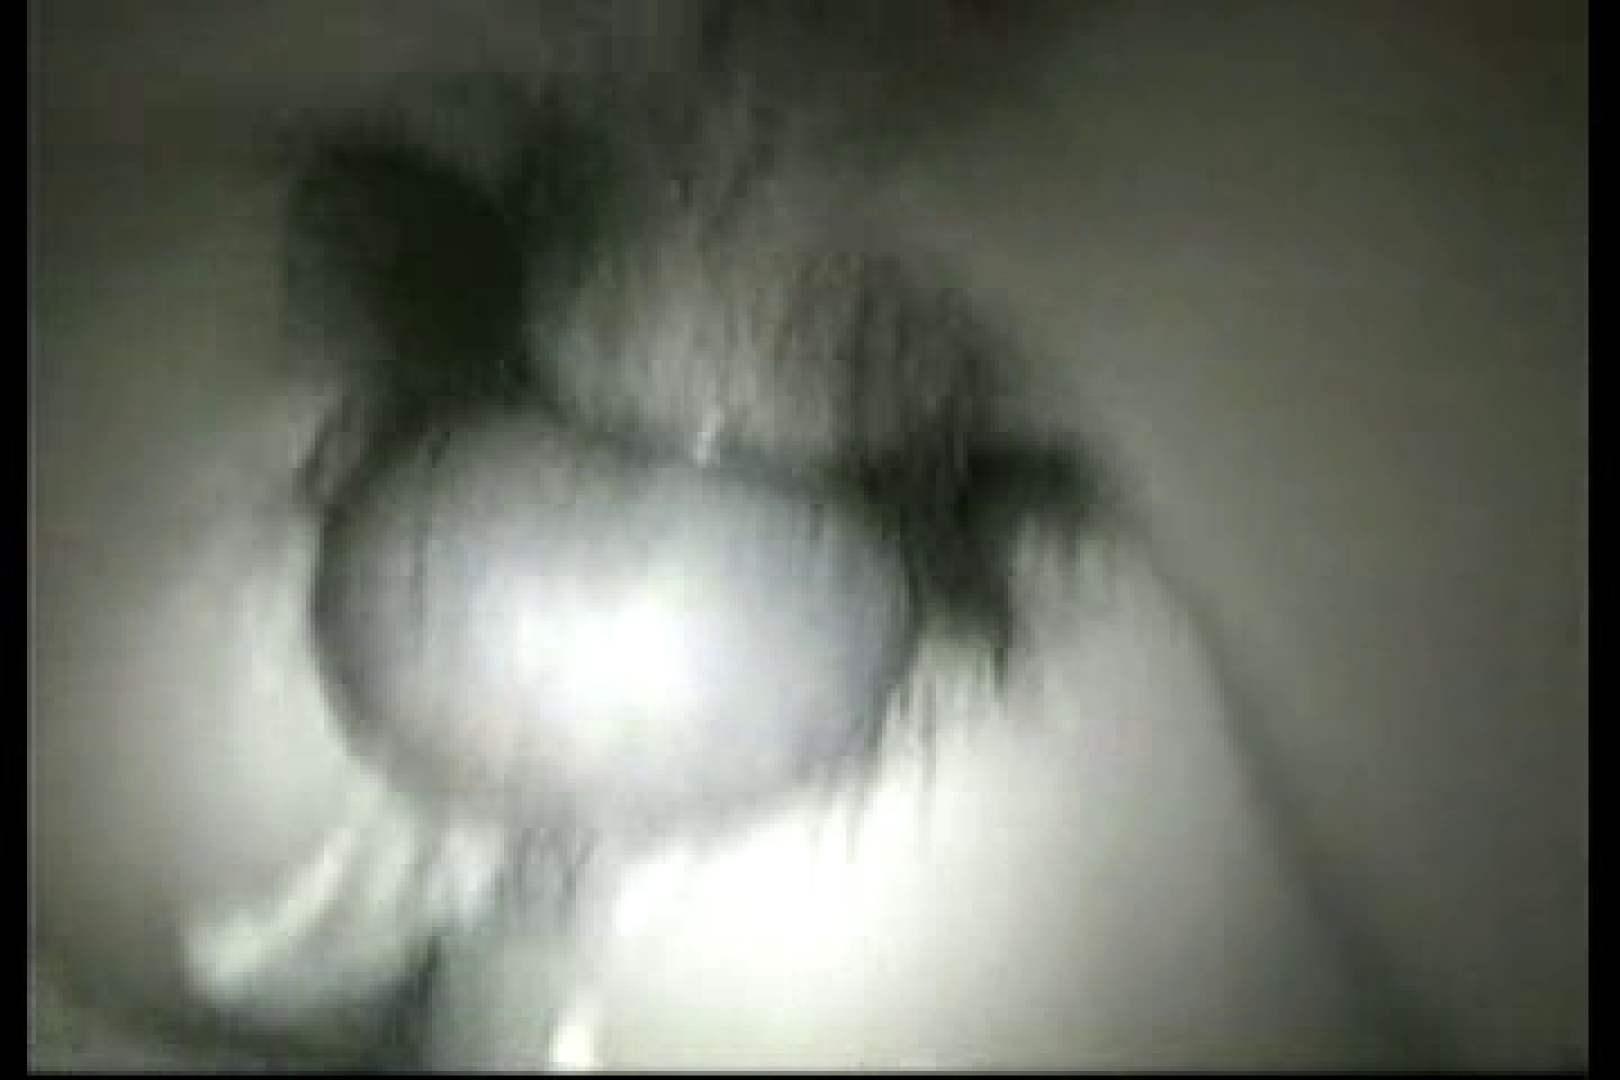 【流出自画撮】とにかく凄いぜ!!ケツまんFighters!! Vol.08 チンコ ゲイエロ画像 104枚 98